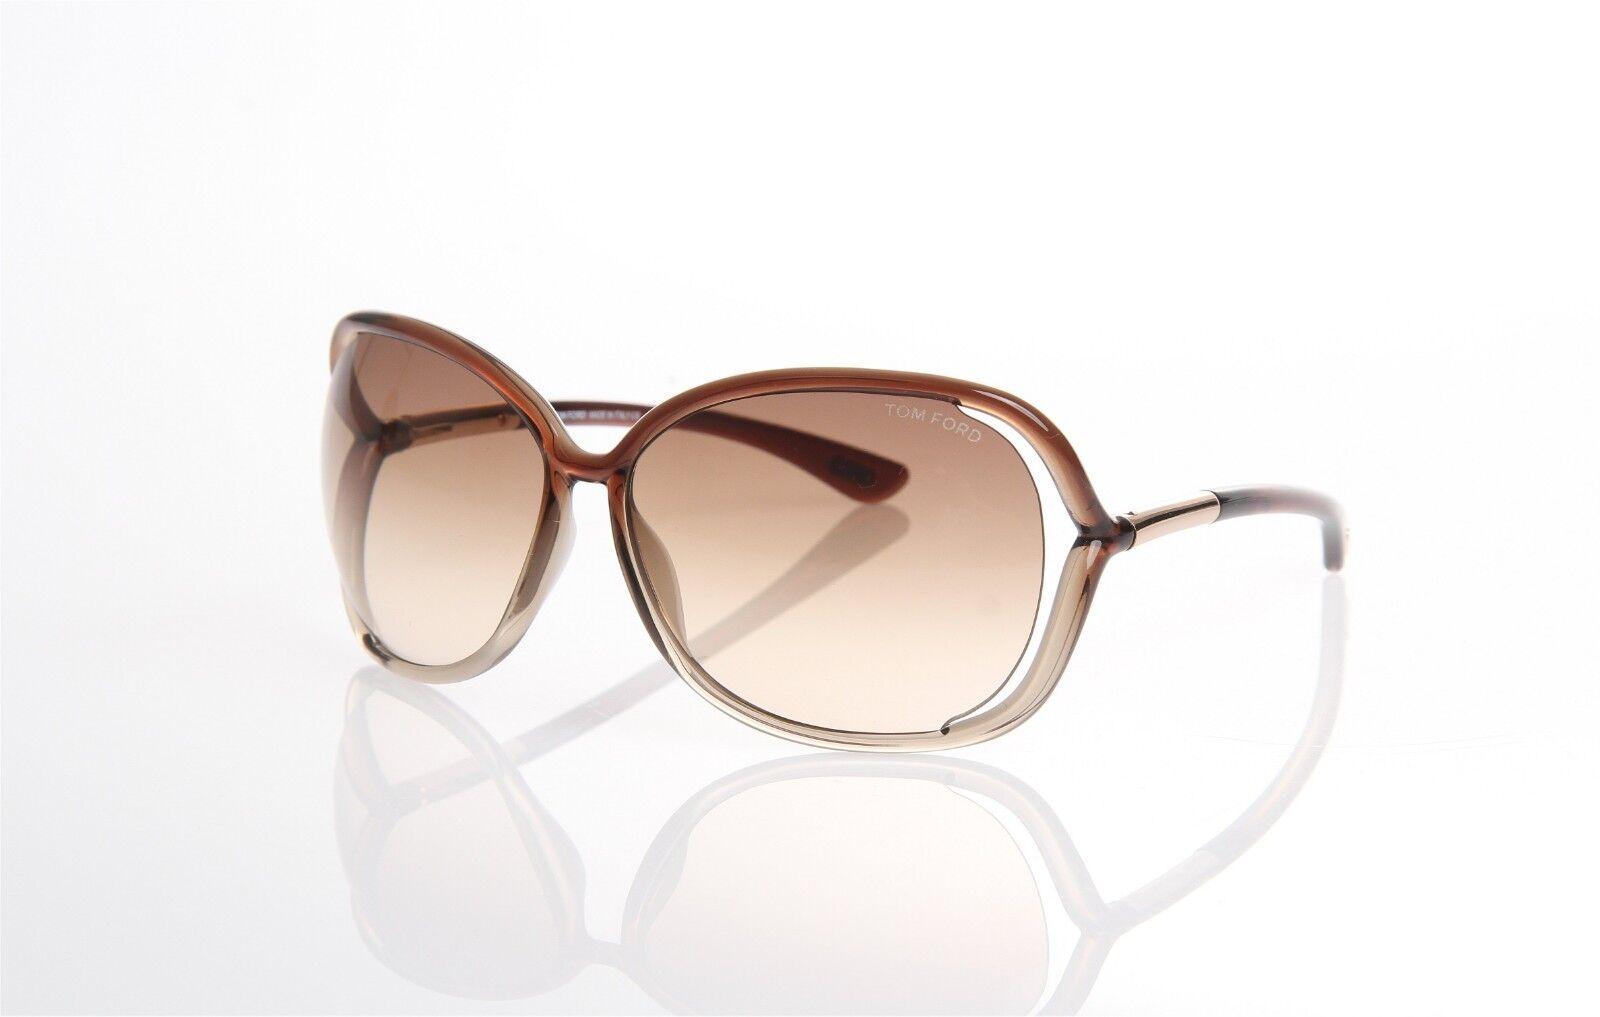 Tom Ford Raquel TF0076 38F Braun Überdimensional Offener Offener Offener Seite Sonnenbrille TF76 | Das hochwertigste Material  | Adoptieren  | Creative  4f9231